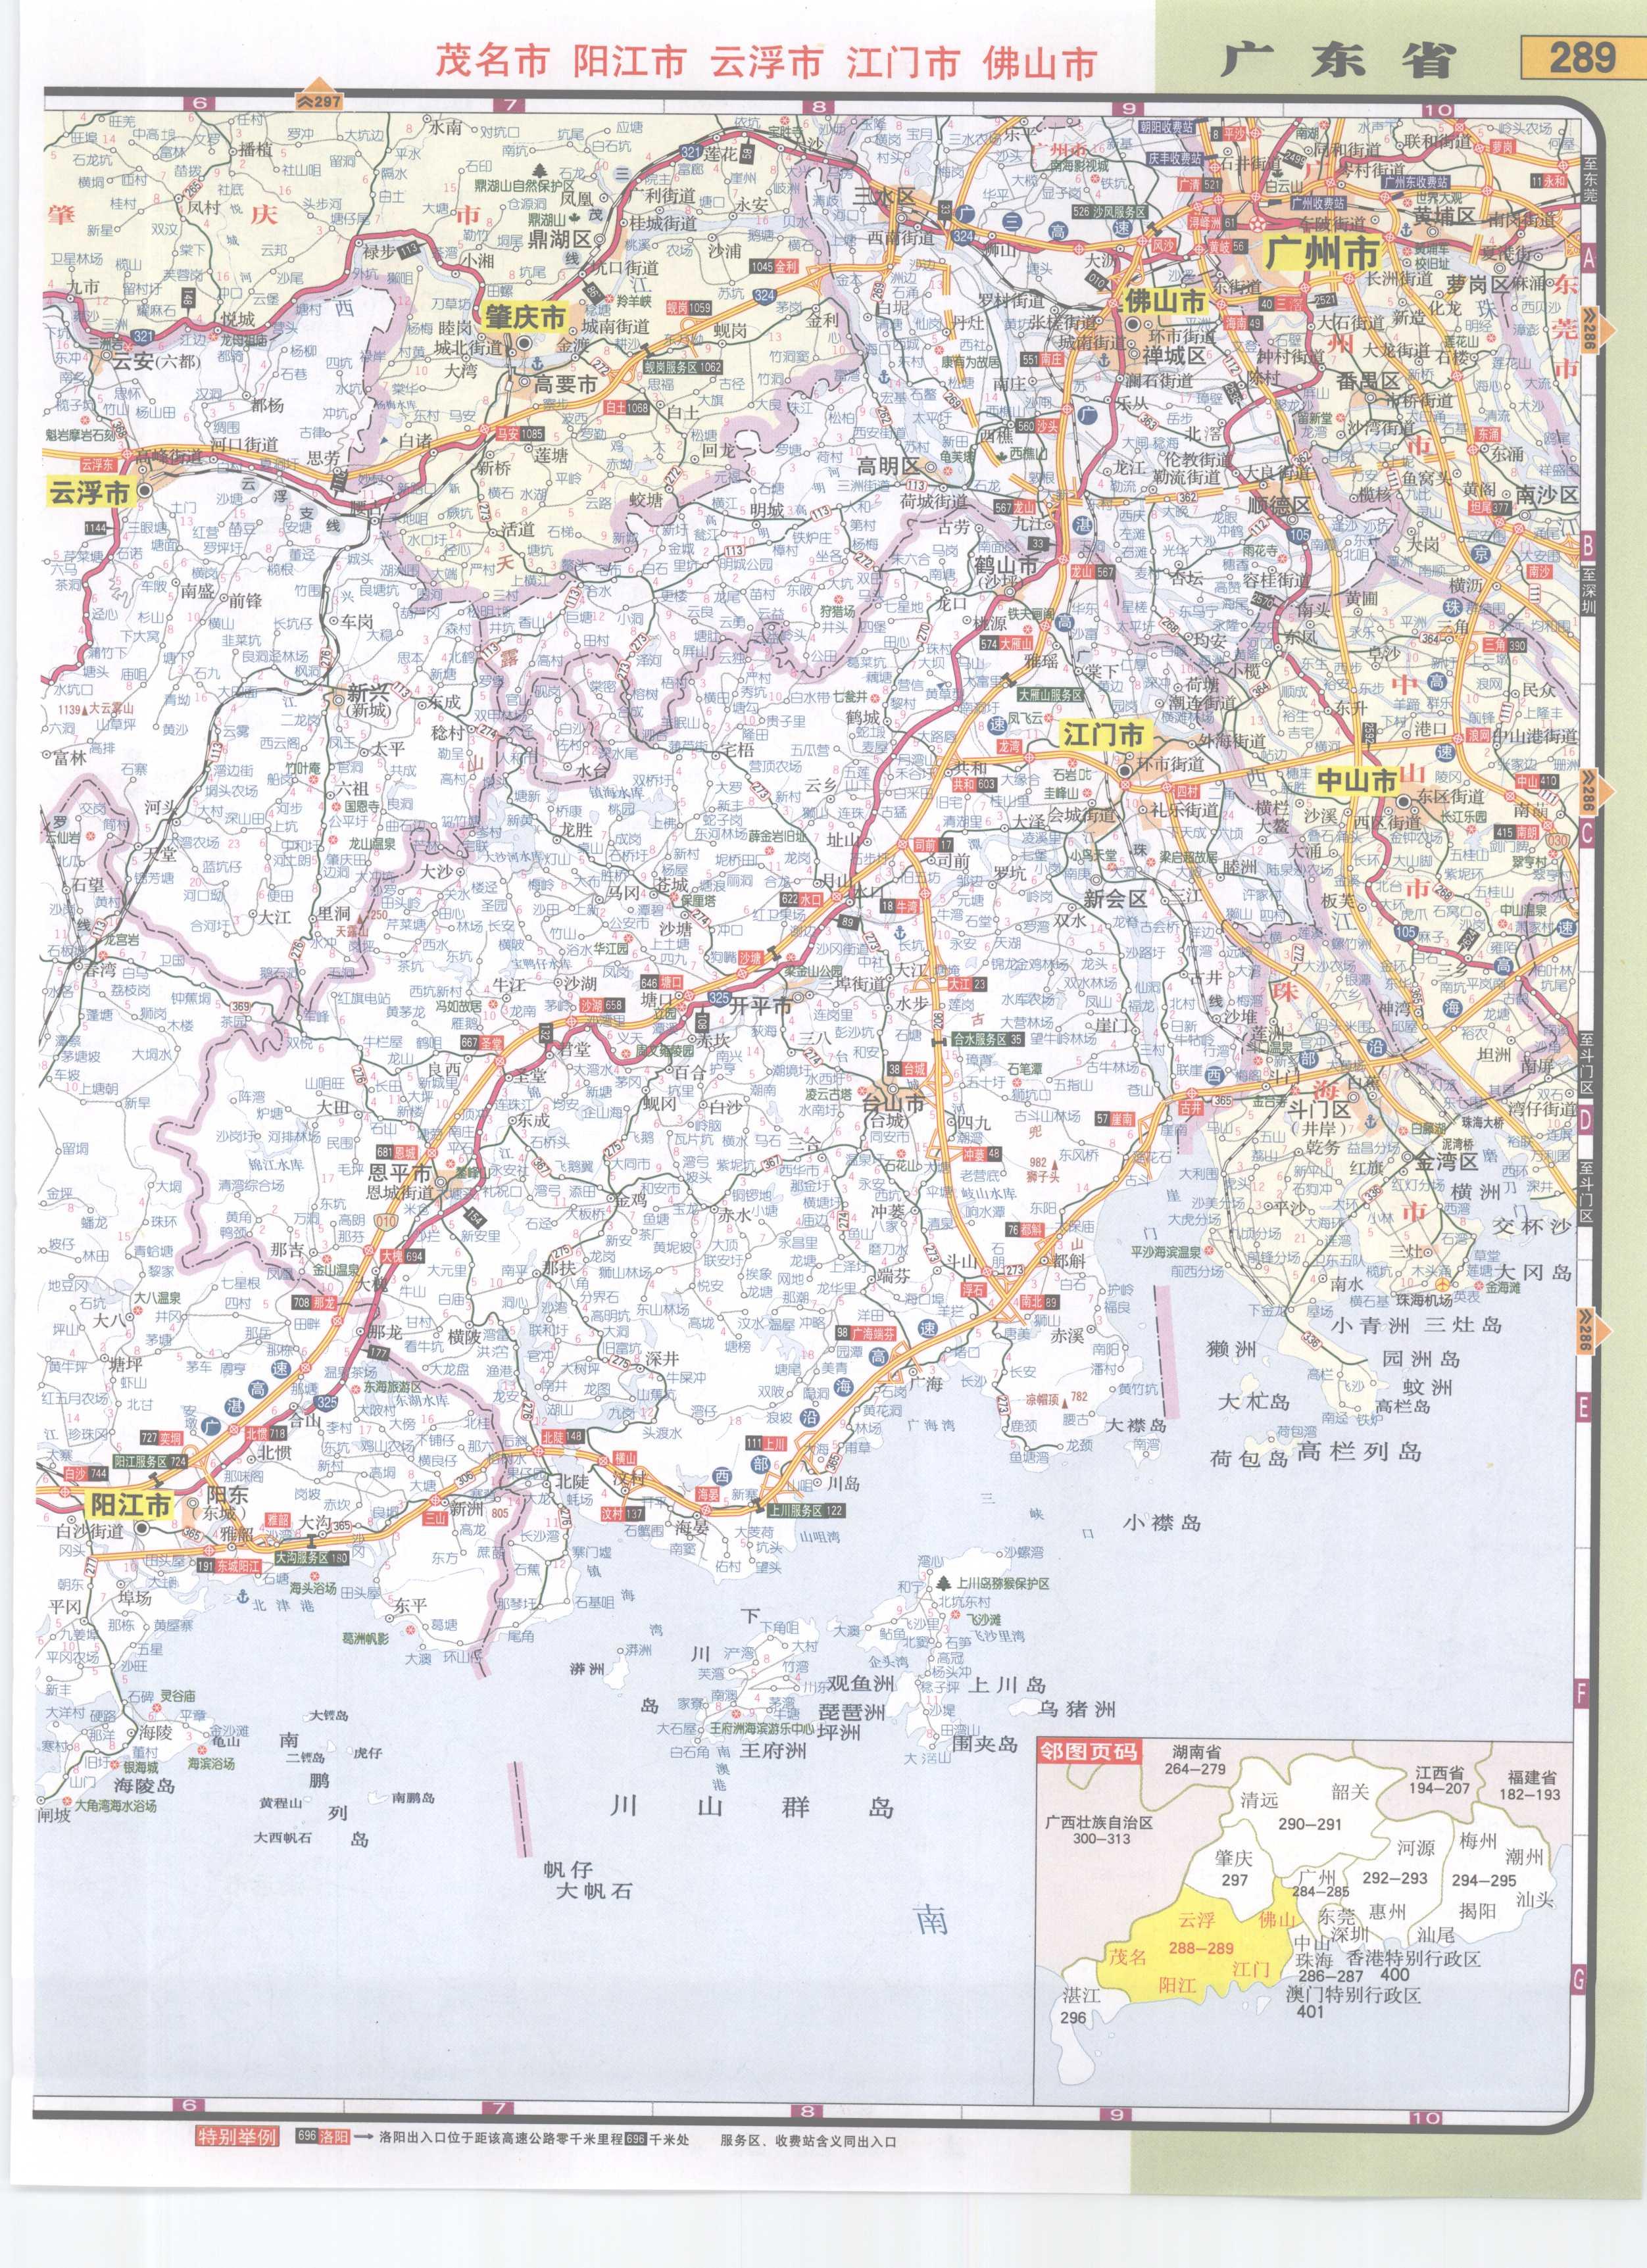 云浮高速公路网地图